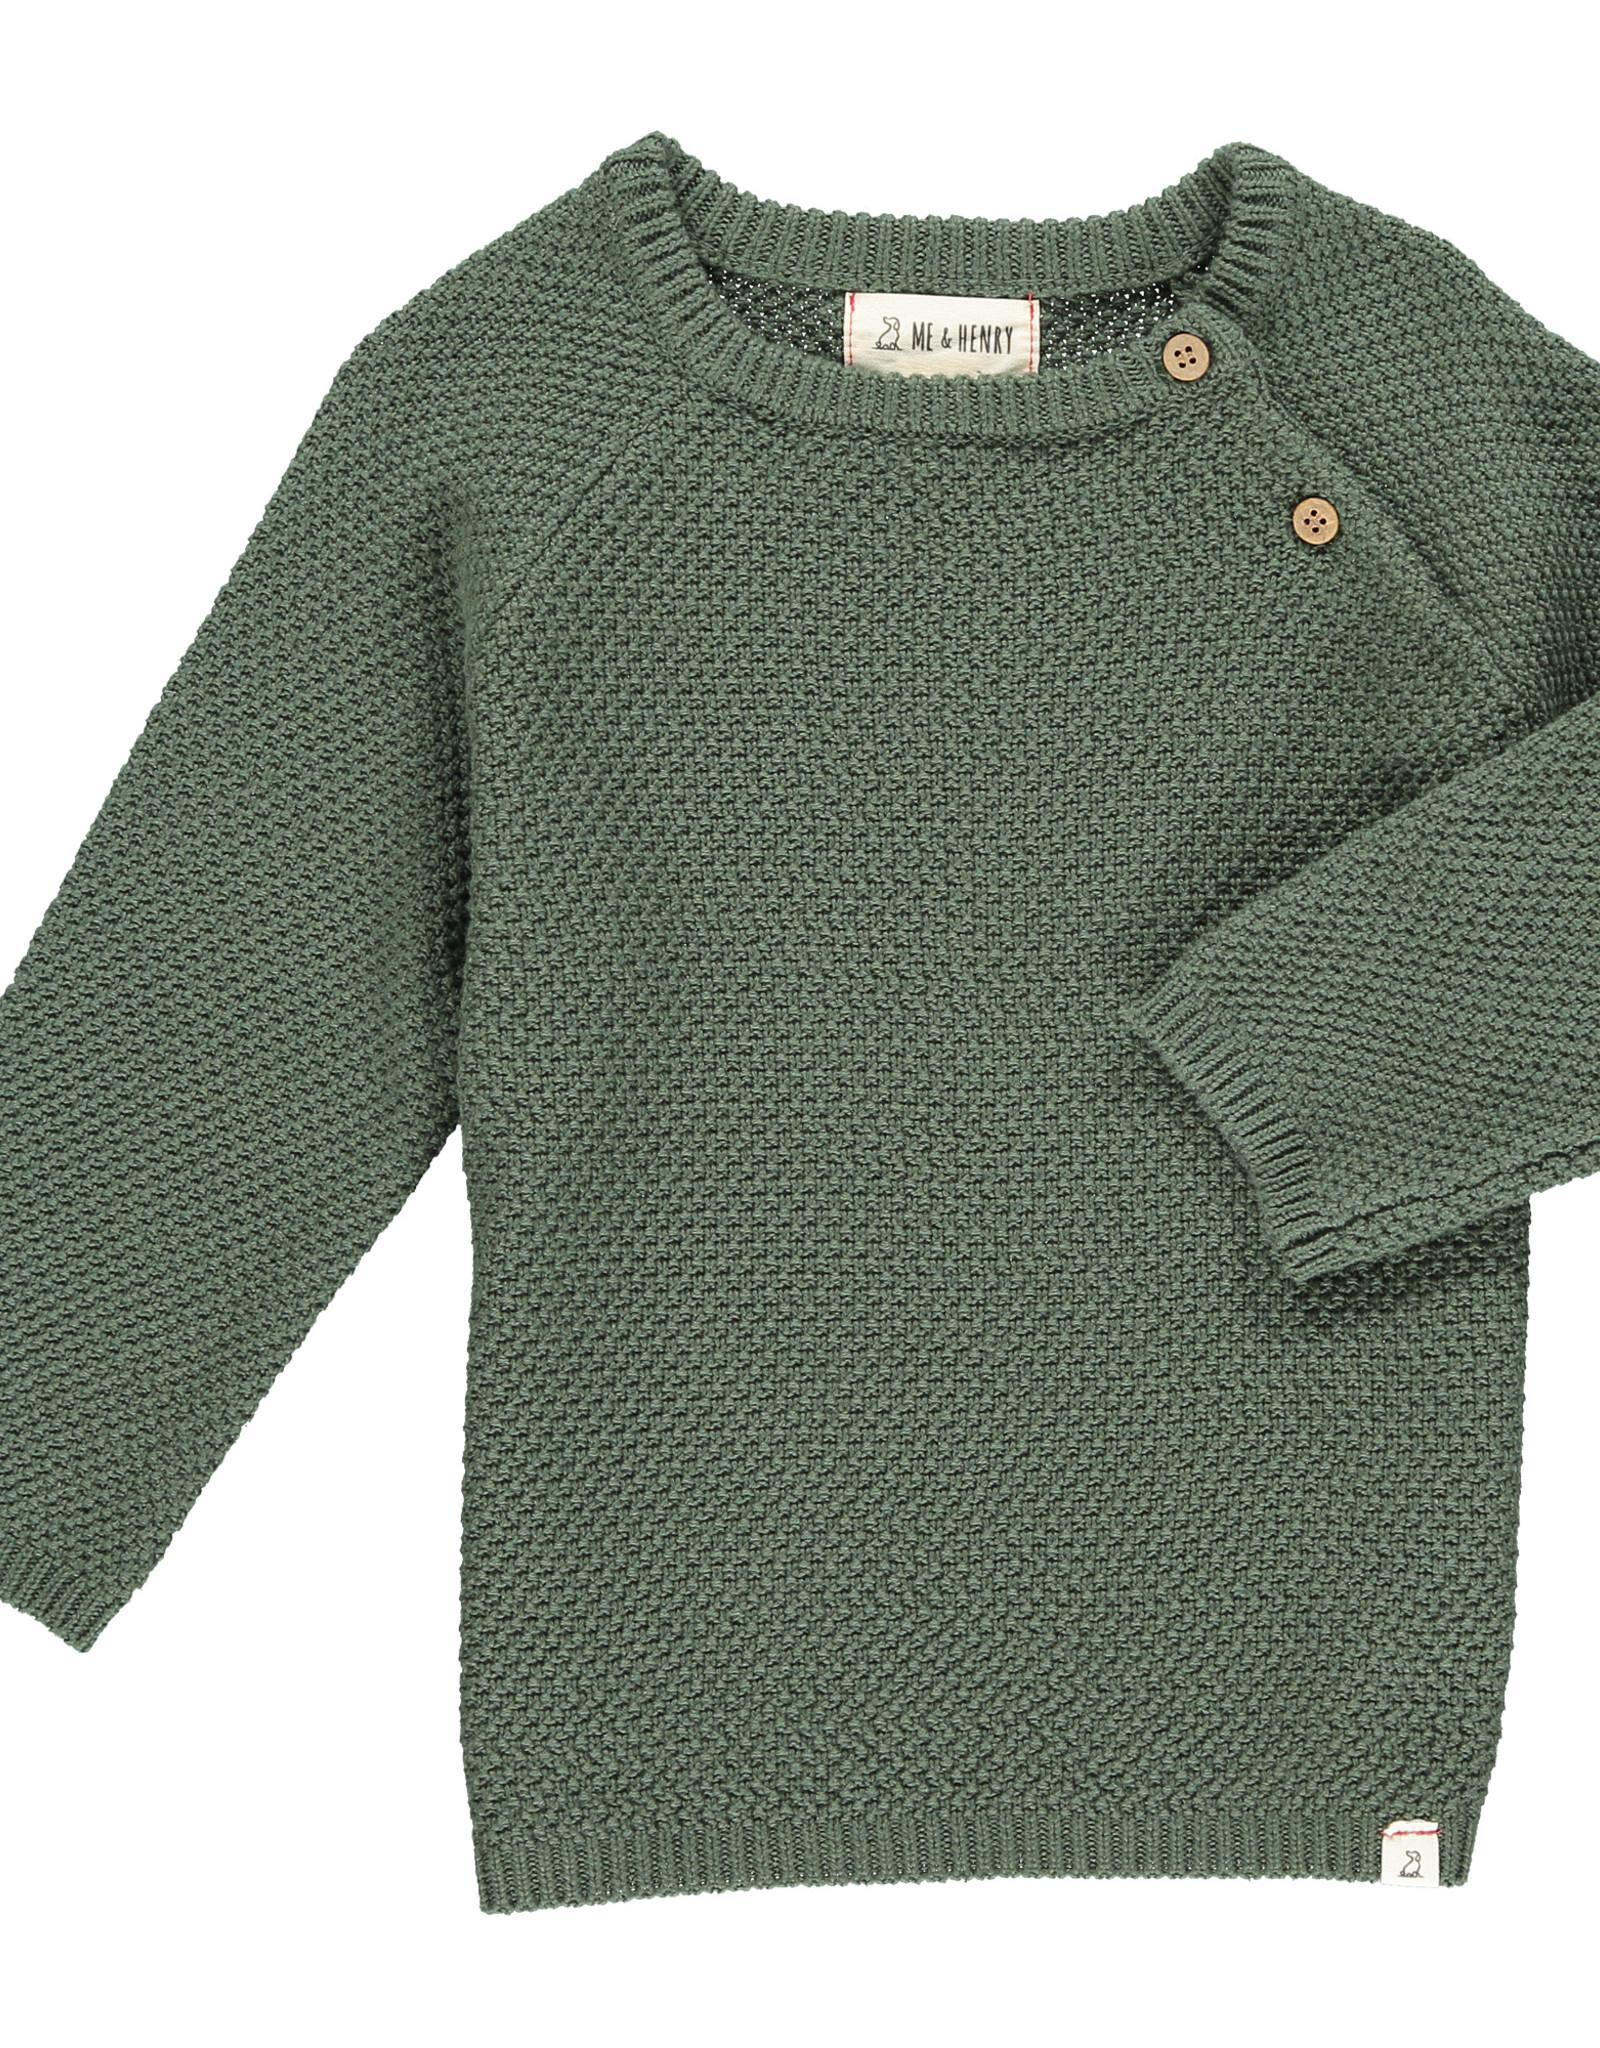 Me & Henry roan sweater- green